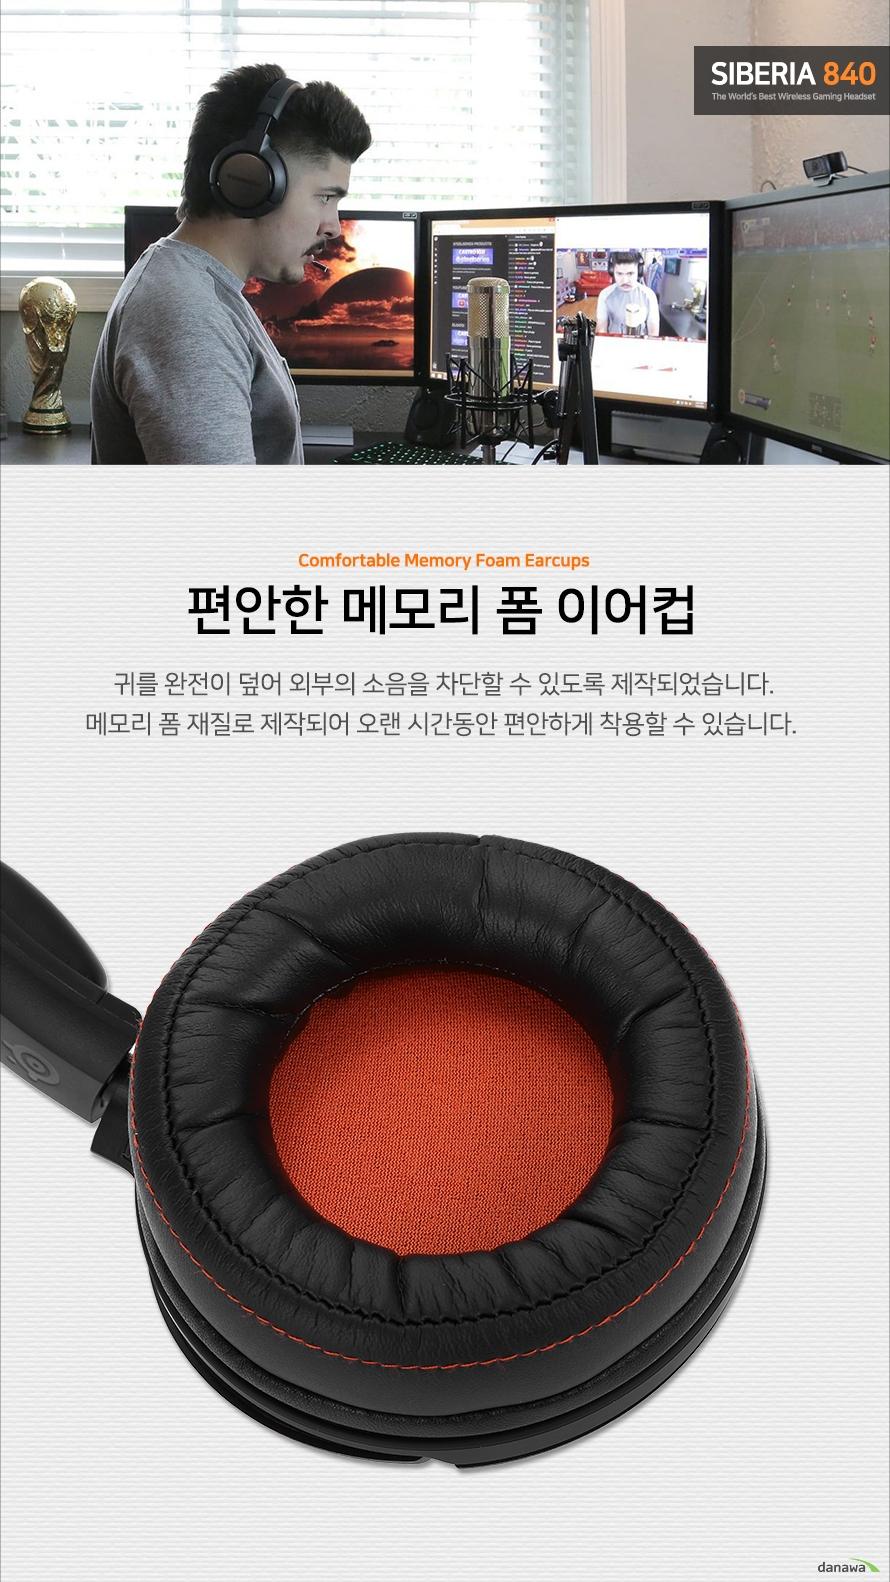 편안한 메모리 폼 이어컵귀를 완전이 덮어 외부의 소음을 차단할 수 있도록 제작되었습니다.메모리 폼 재질로 제작되어 오랜 시간동안 편안하게 착용할 수 있습니다.